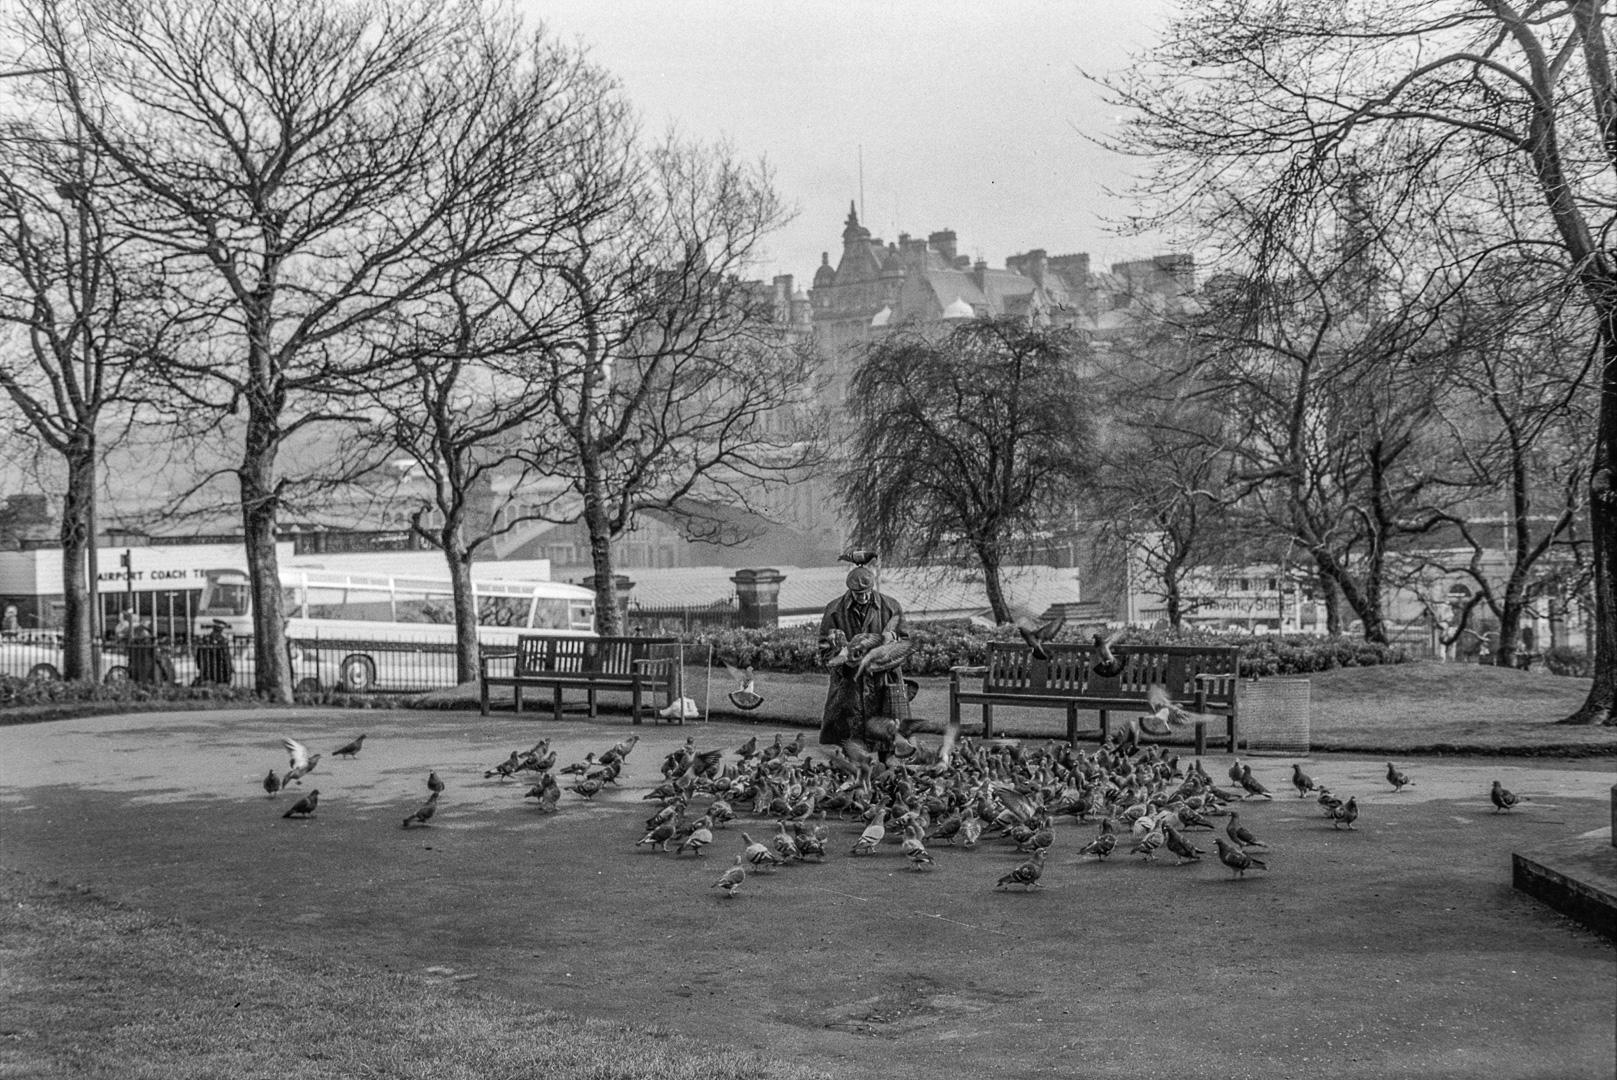 Édimbourg, mars 1975.